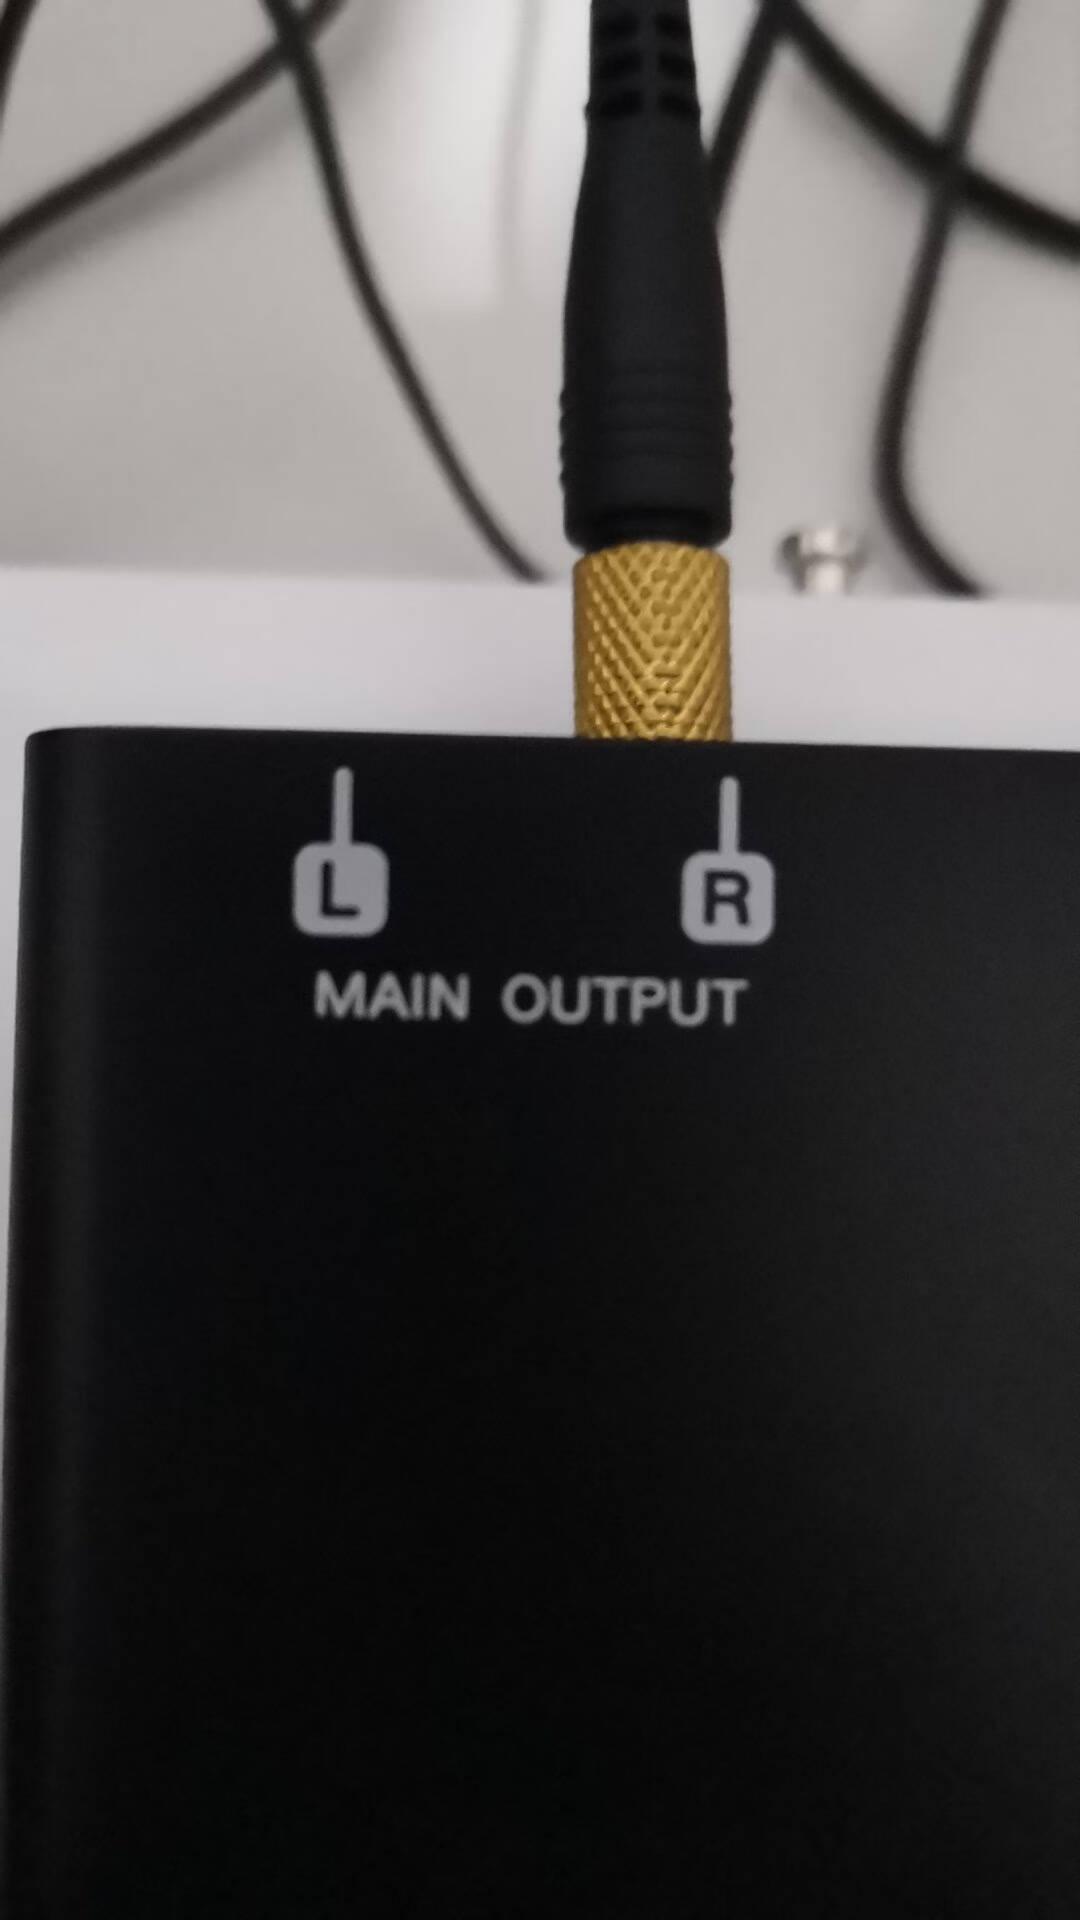 雅马哈(YAMAHA)ur22mkii专业录音USB外置声卡有声书喜马拉雅设备套装ur22cur22mkii标配